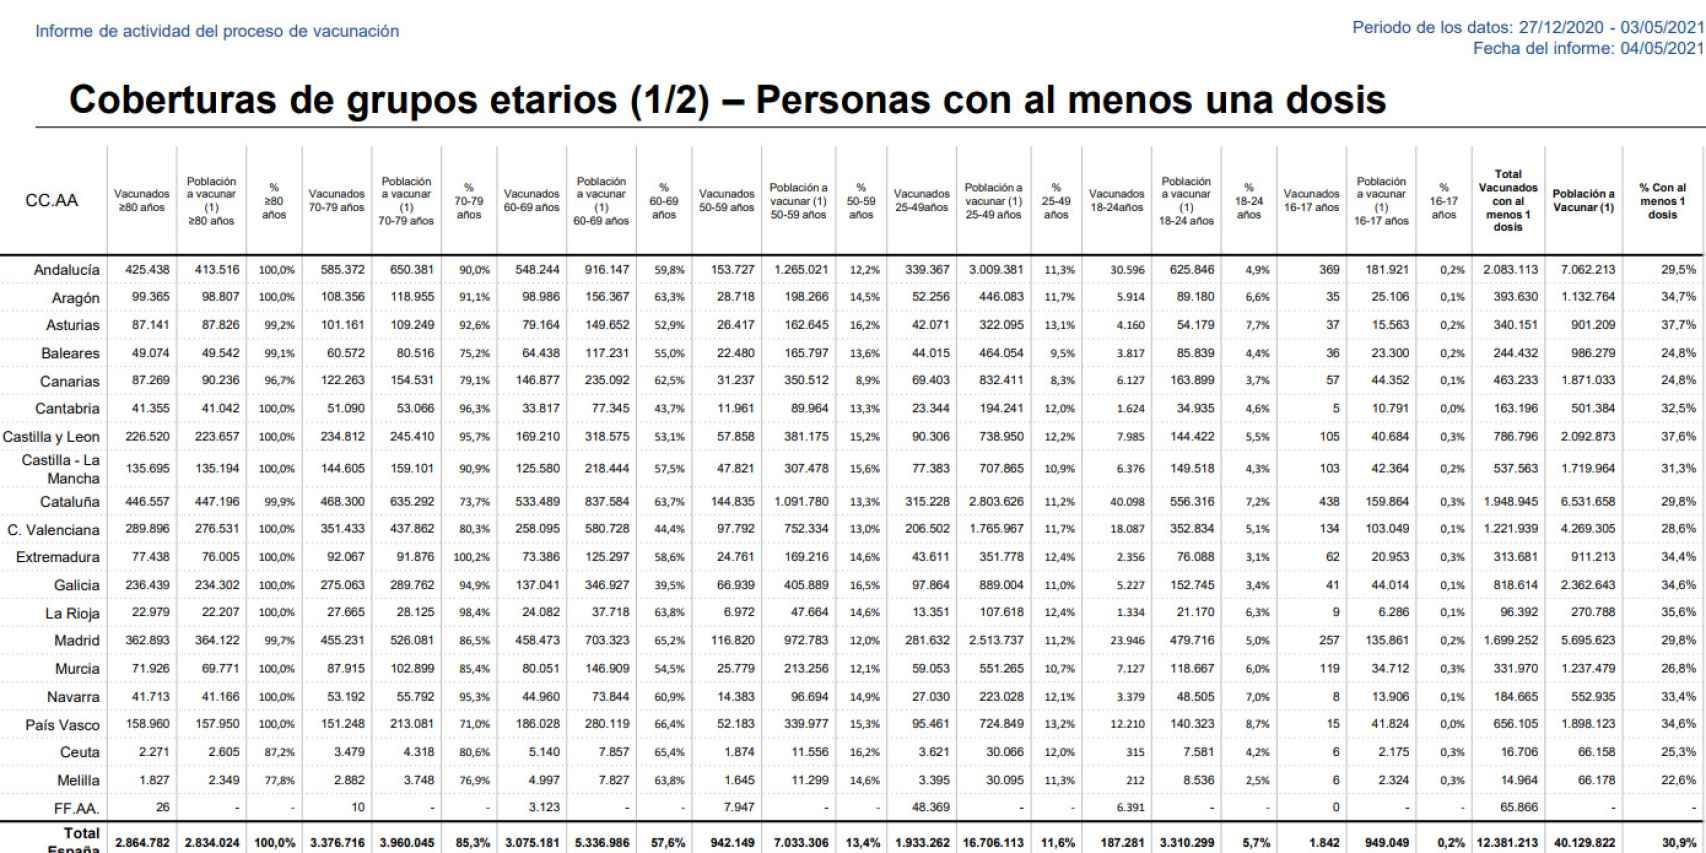 Cobertura vacunal por grupos de edad en España.